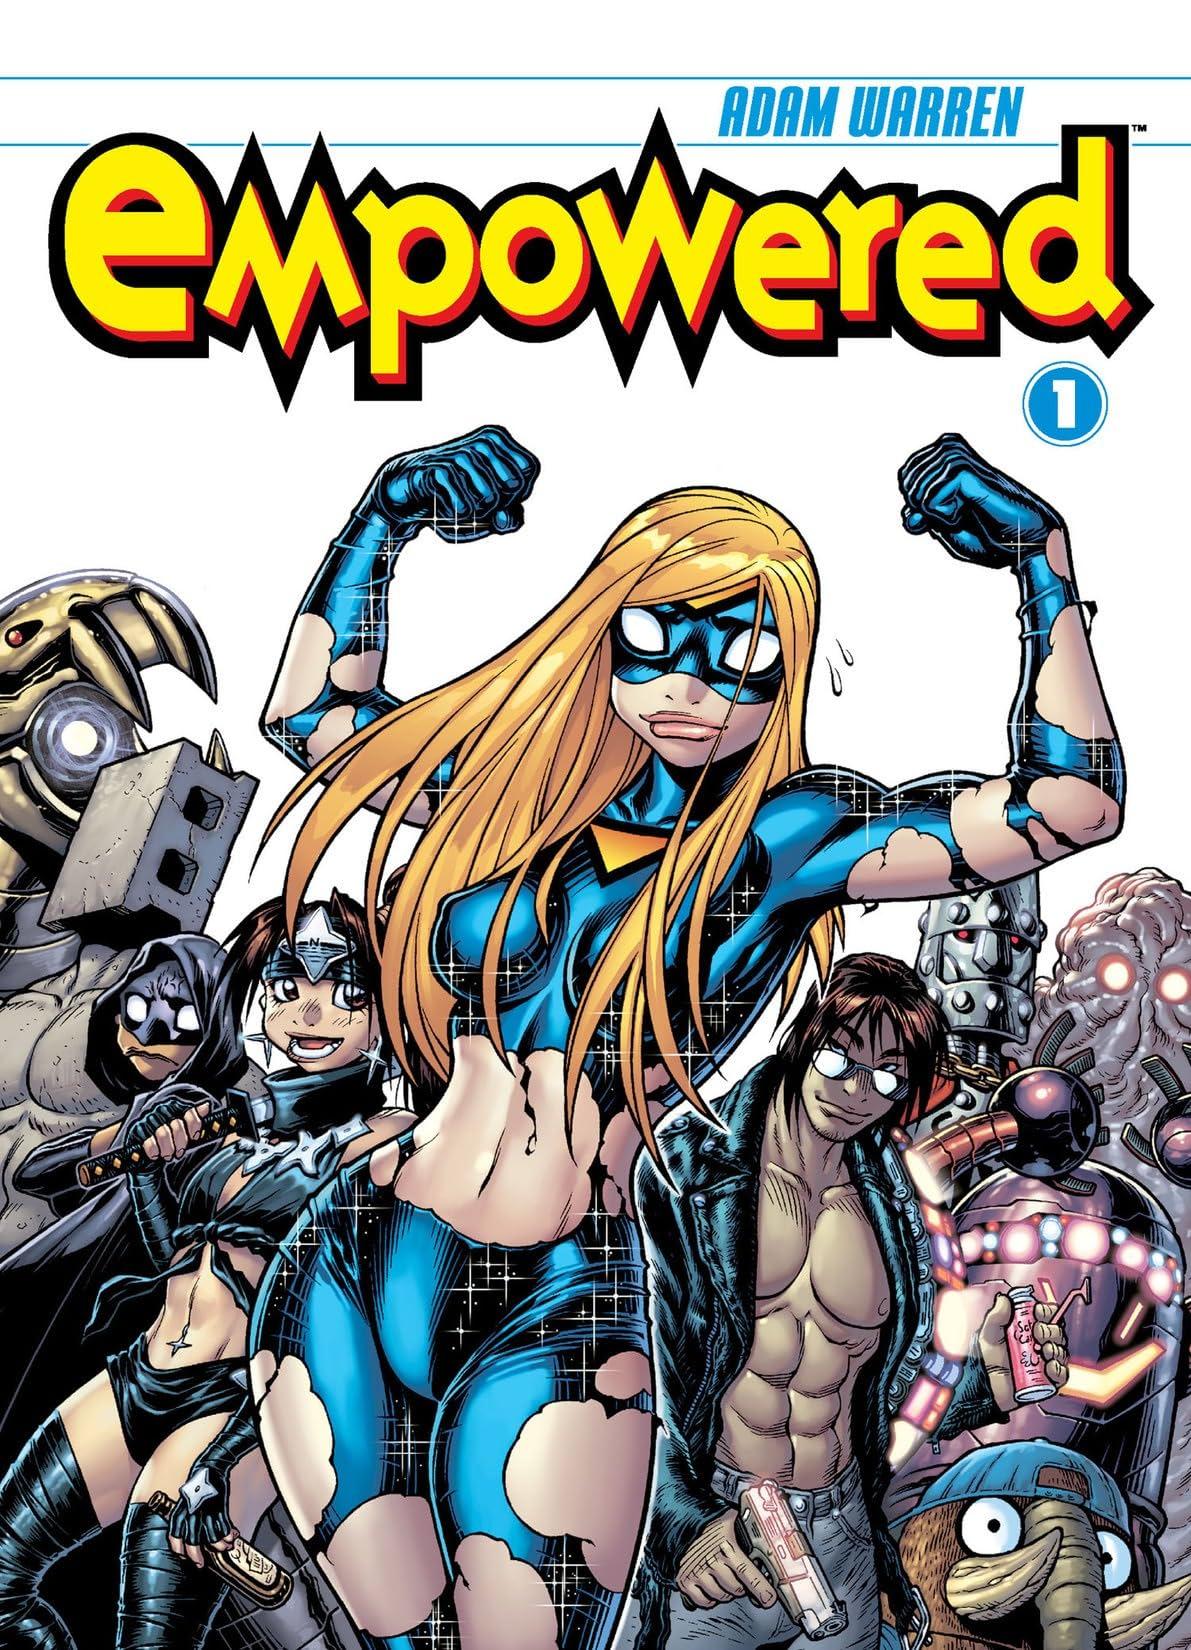 Empowered Vol. 1